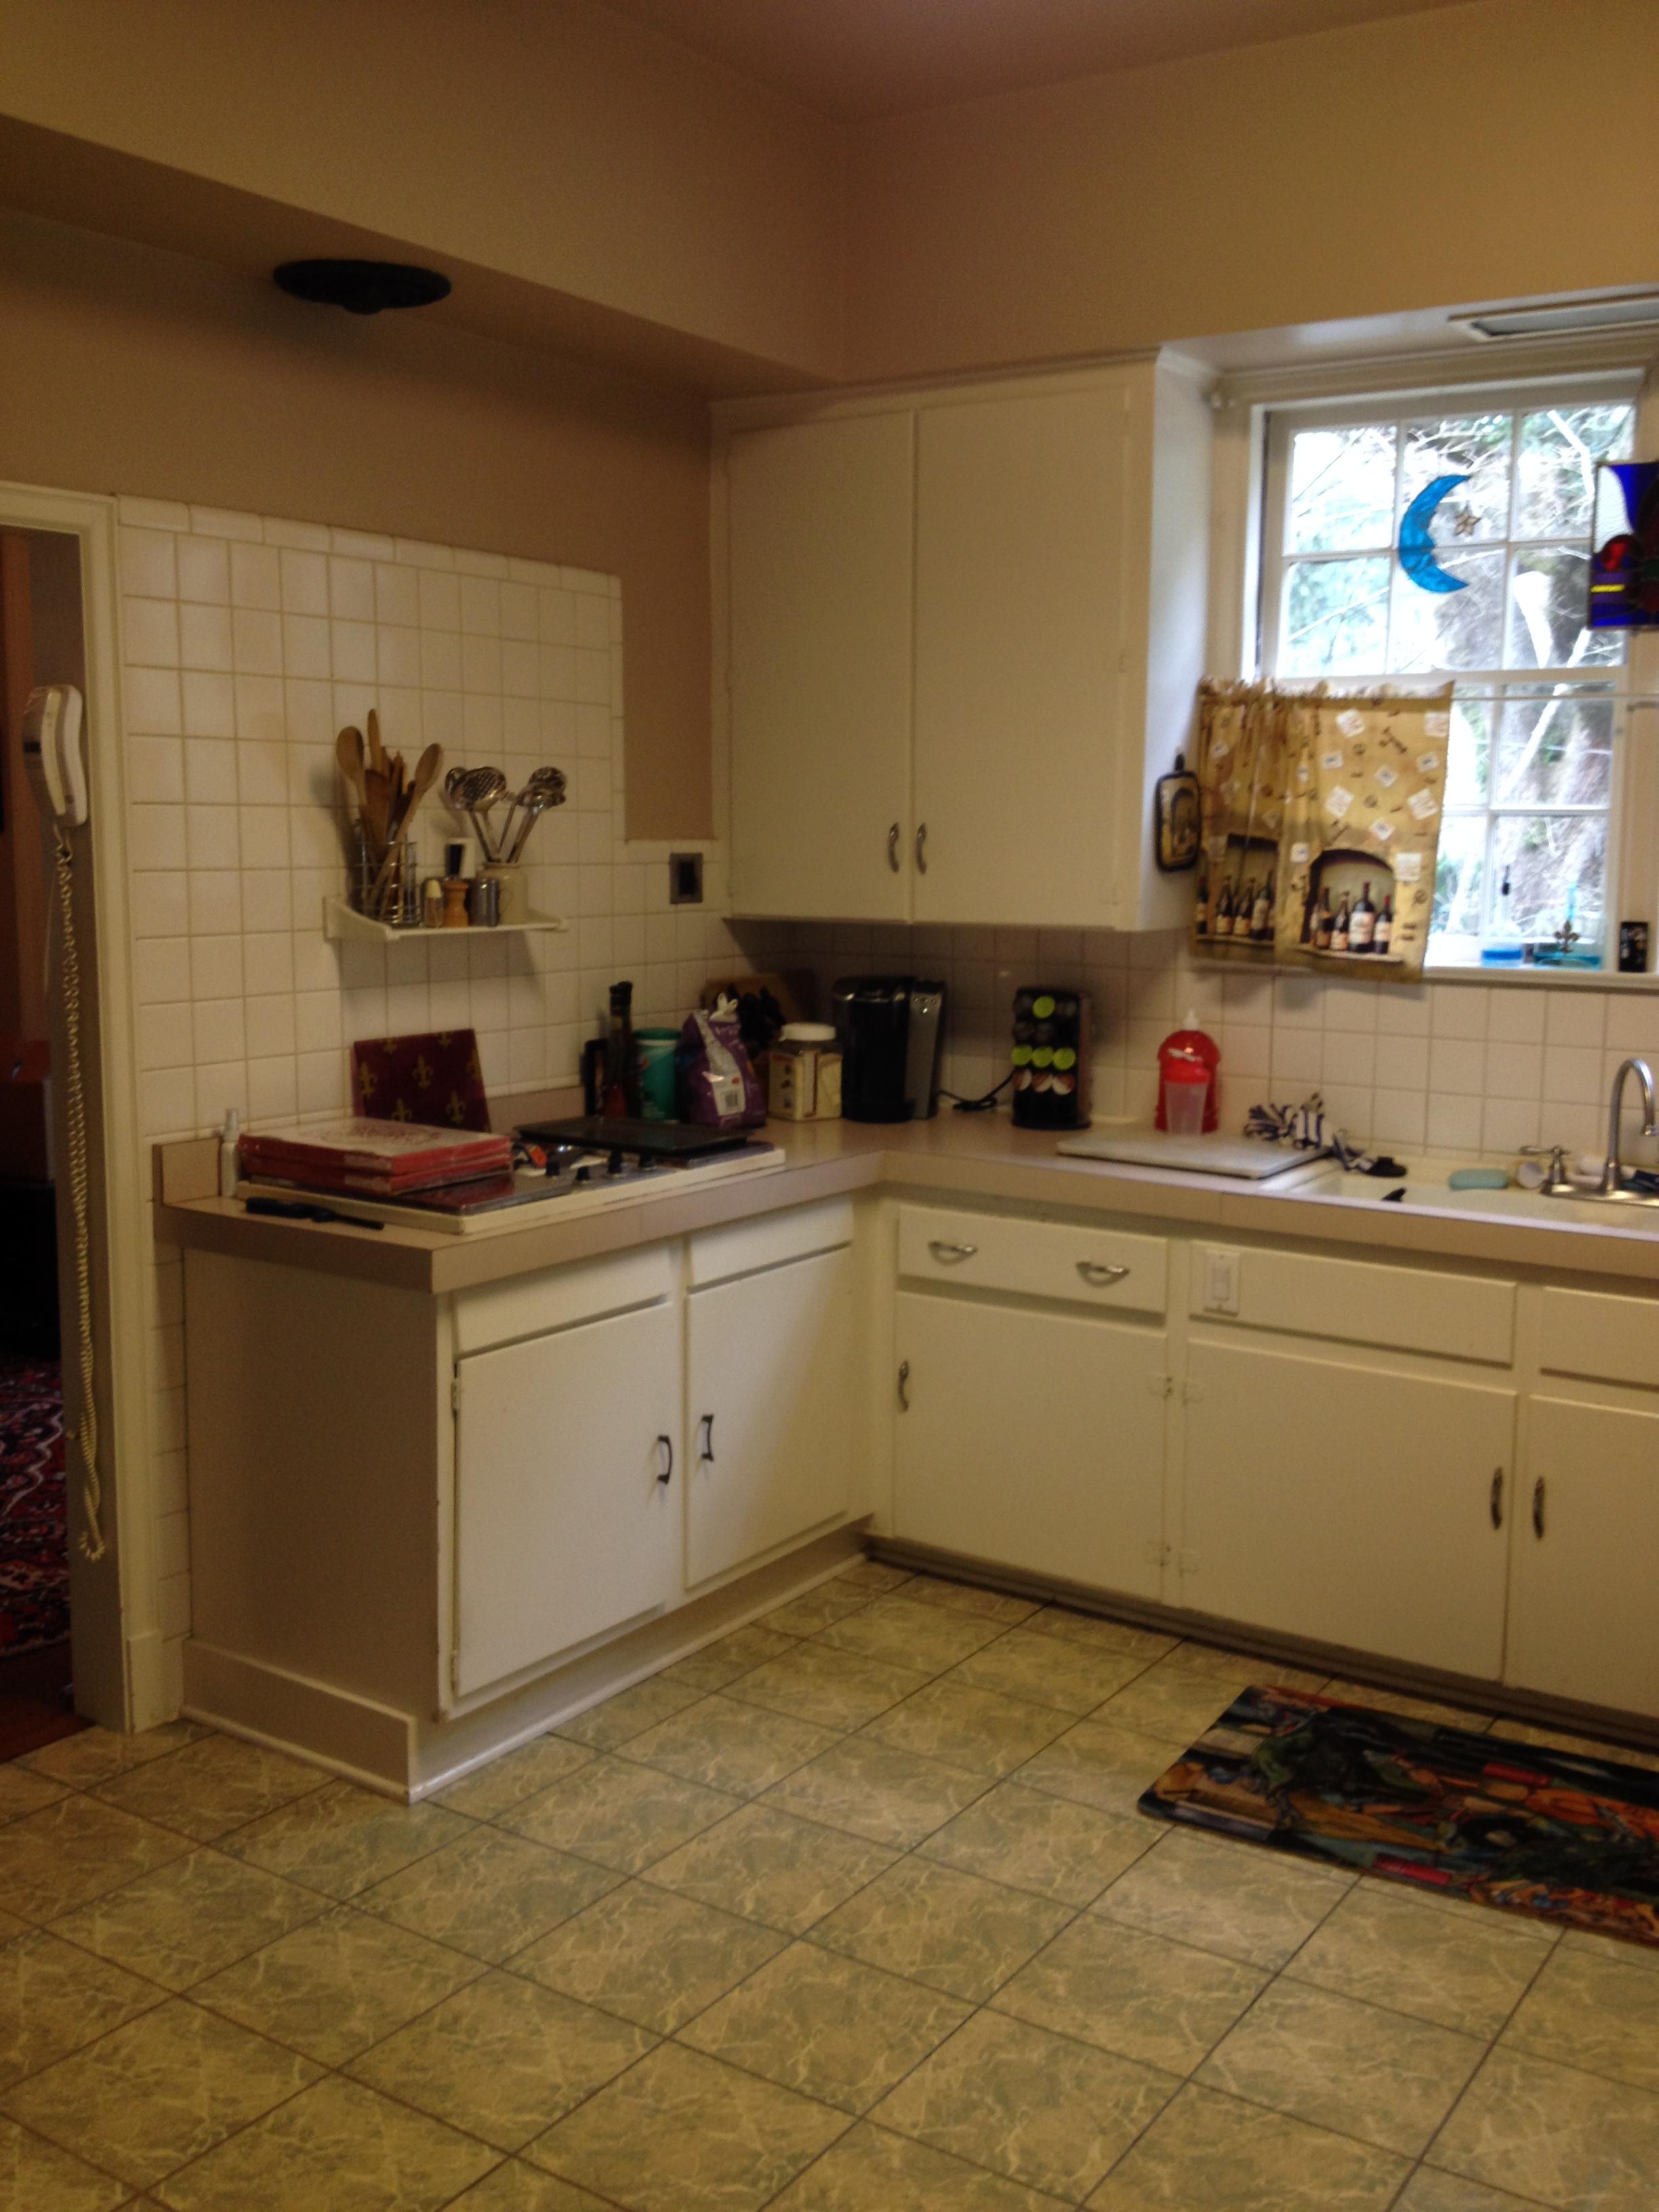 Garden District Kitchen Renovation - Zitro Construction